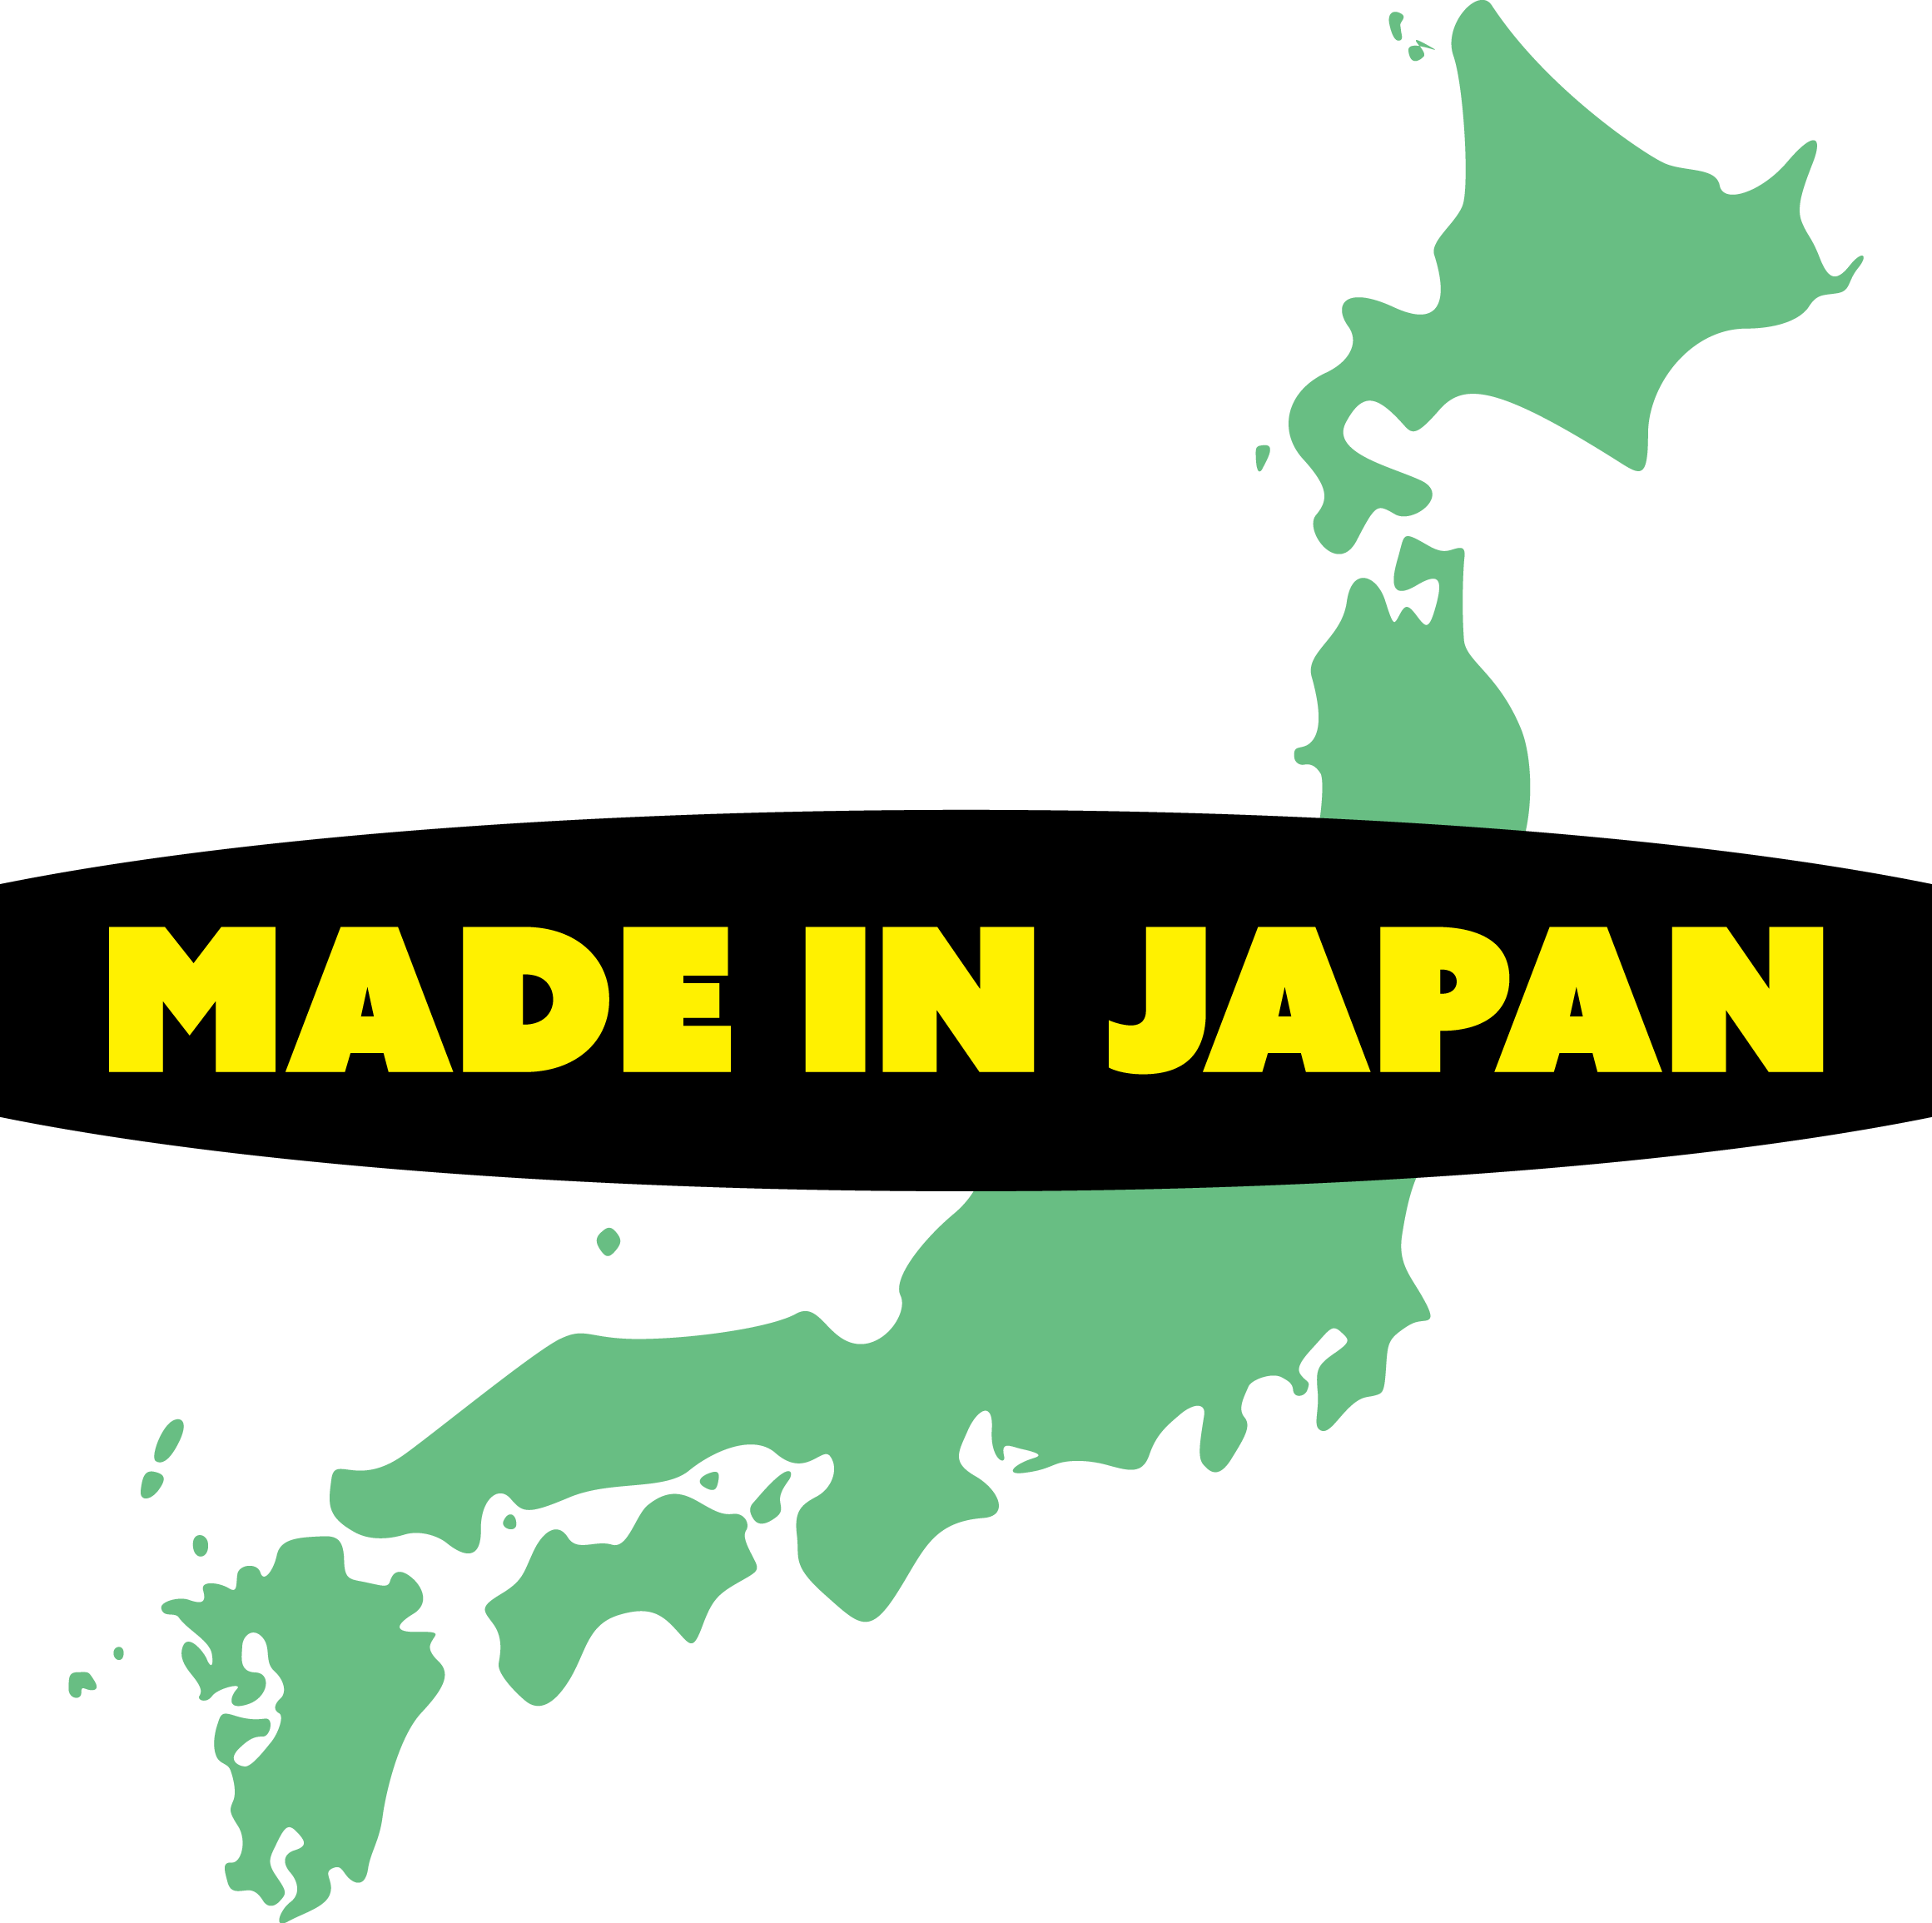 国内製造イメージ写真